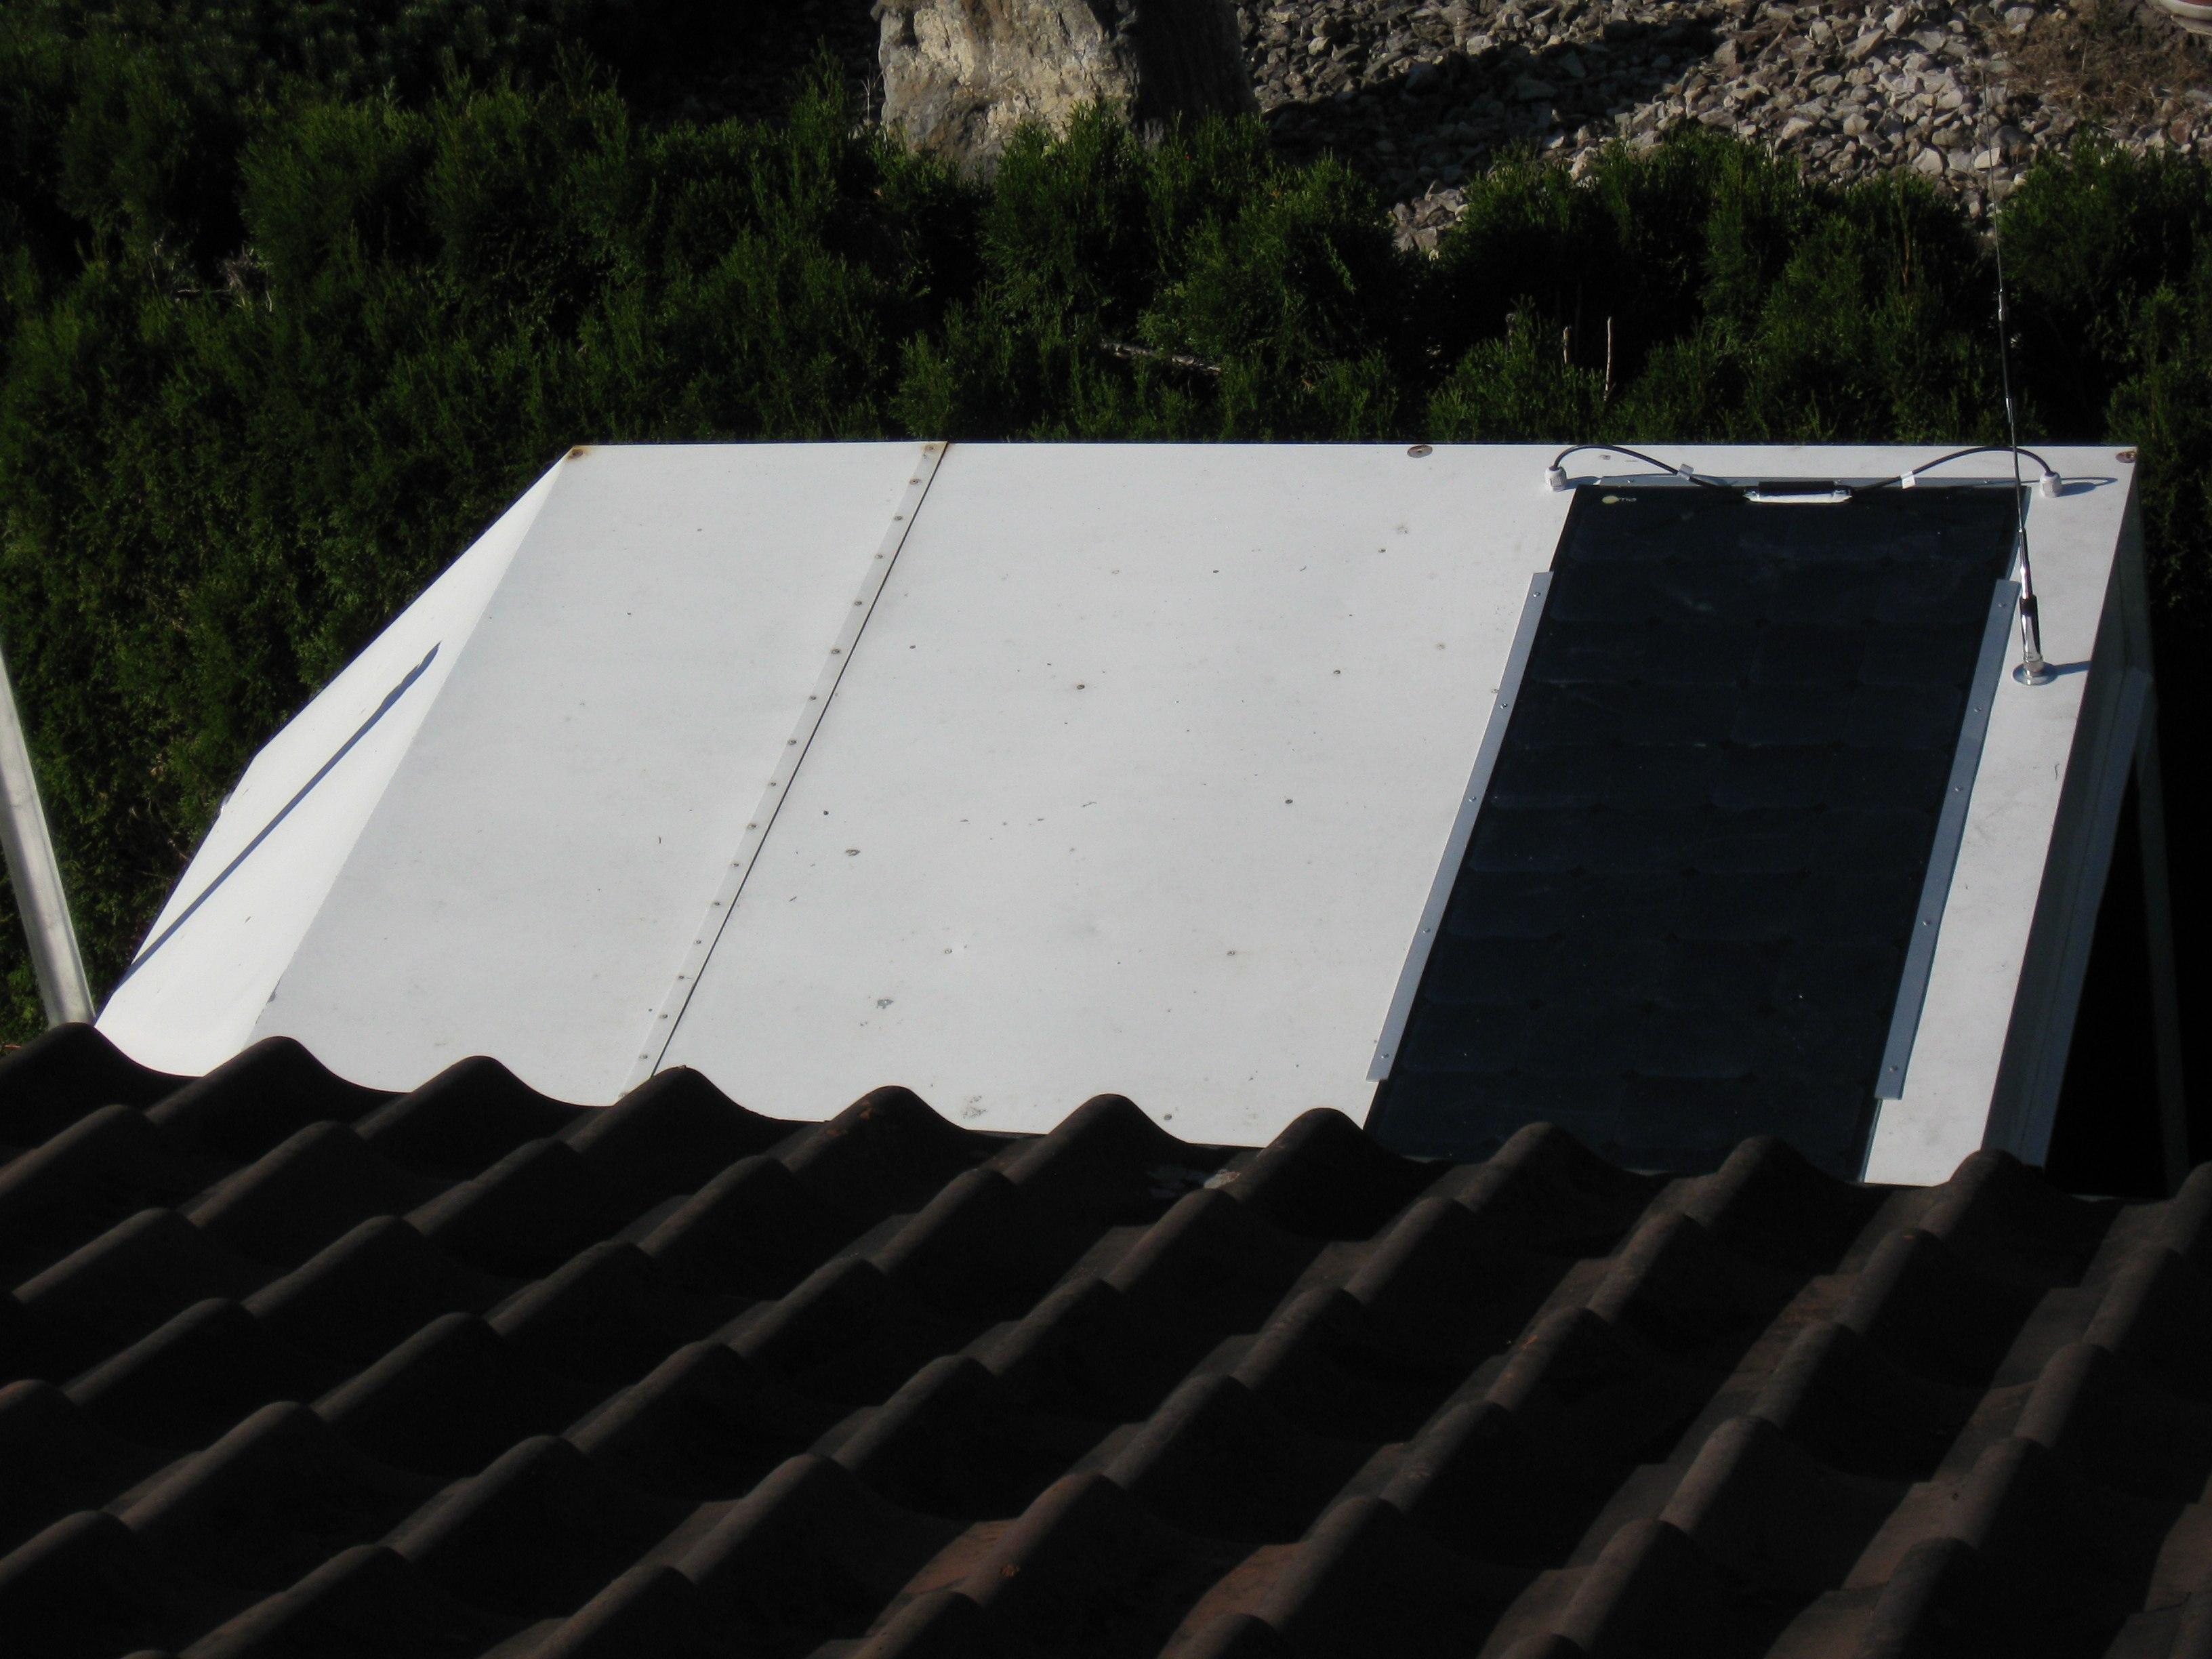 Solarpanel am 26.08.201 auf Funkanhänger montiert